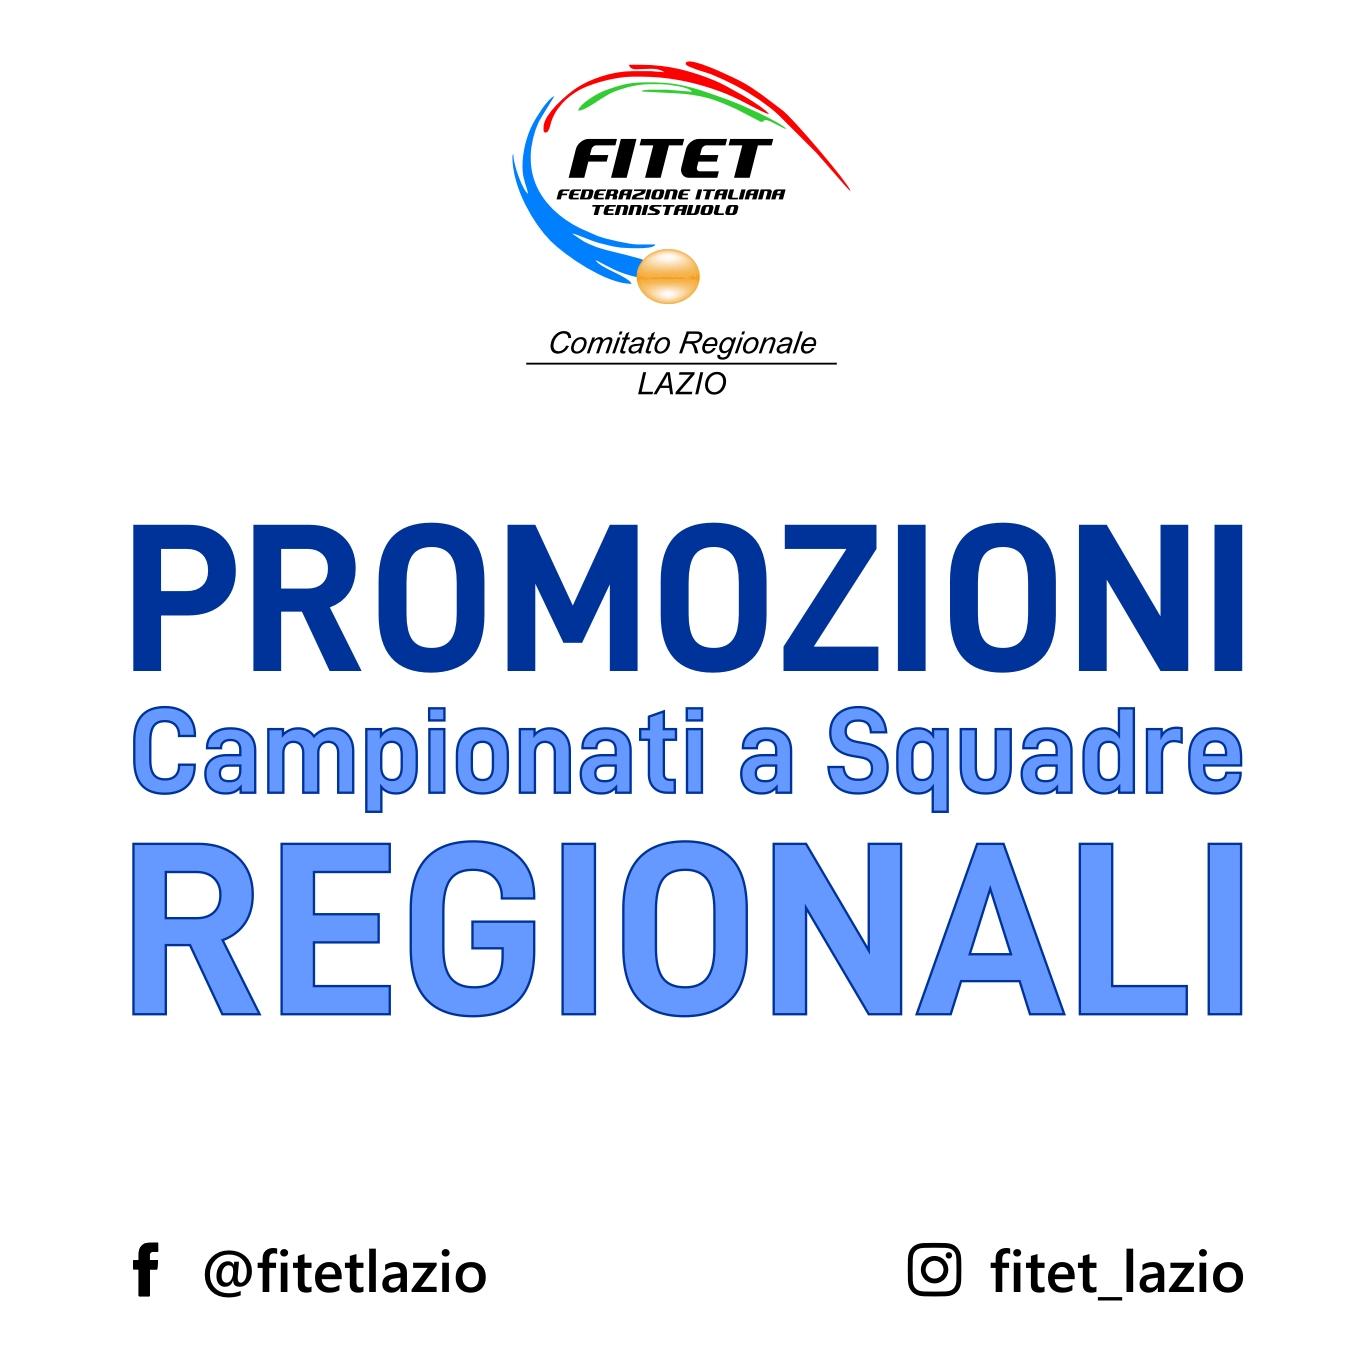 Promozioni Lazio